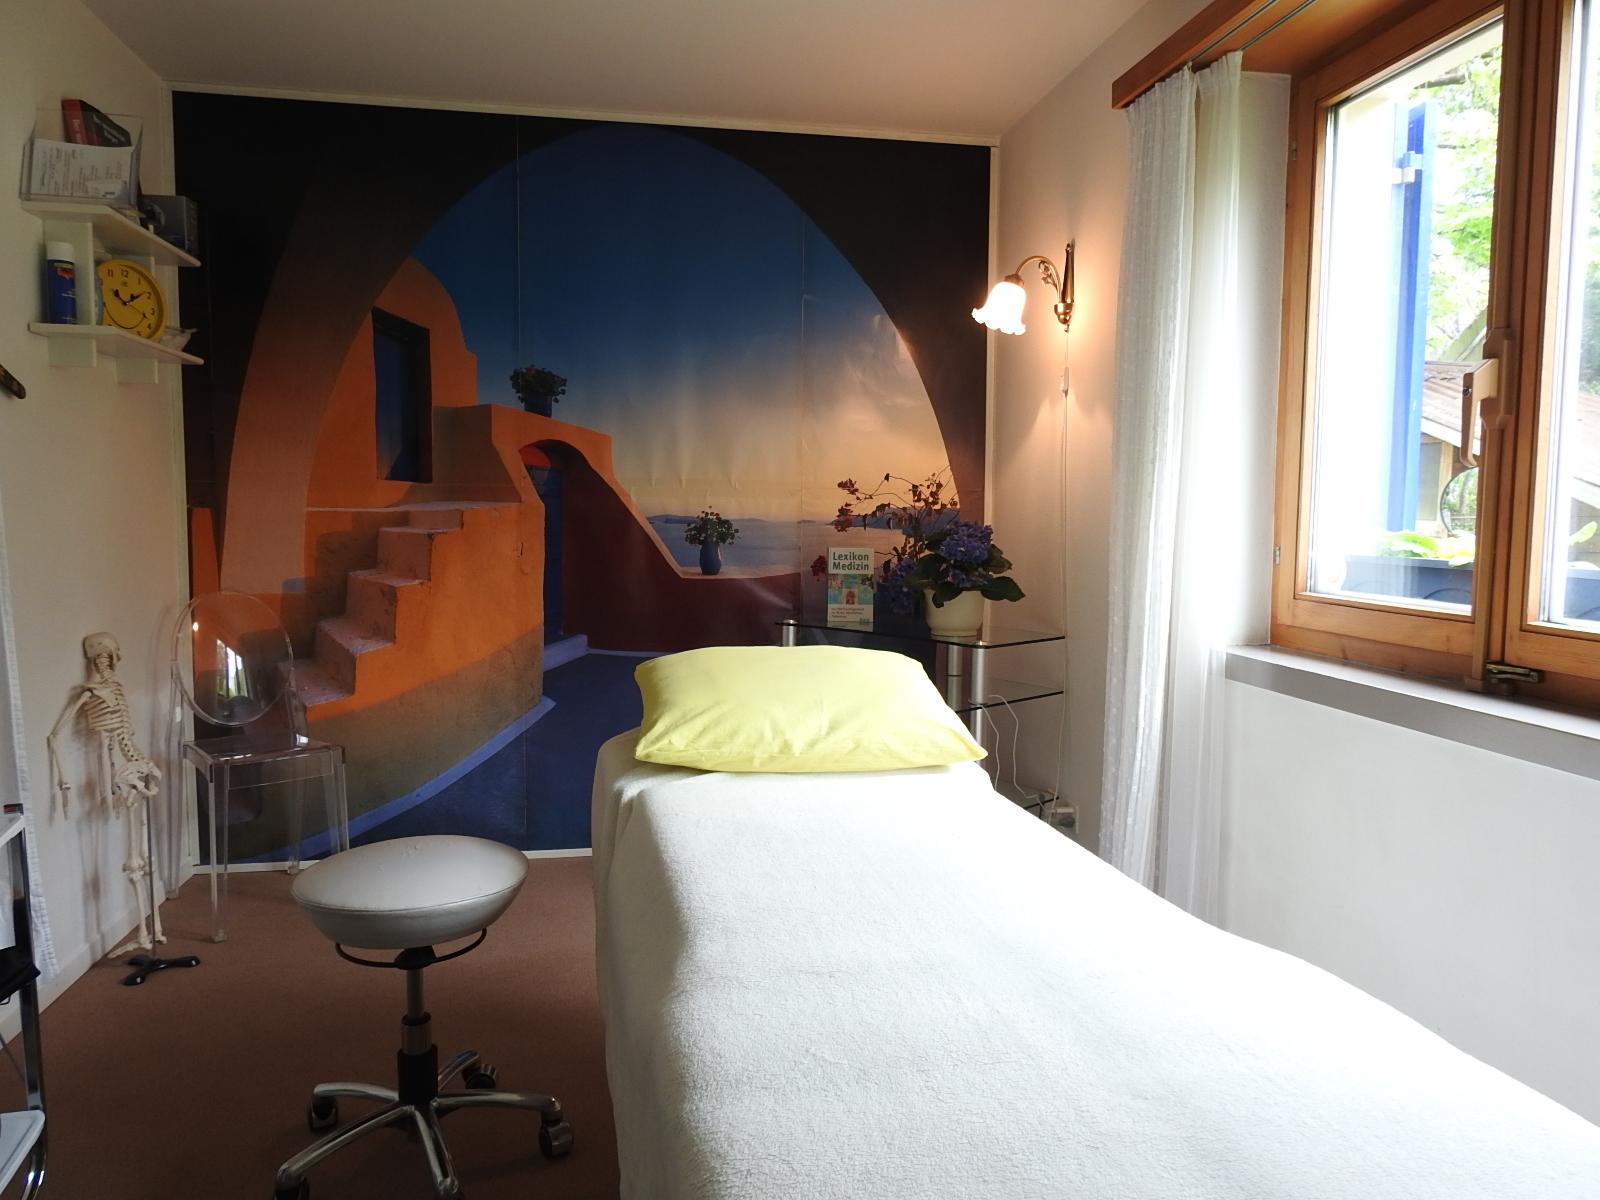 Unser Praxisraum in Oeschen ist ebenerdig zugänglich und versetzt uns mit seinem mediterranen Wandbild fast schon in Ferienstimmung.